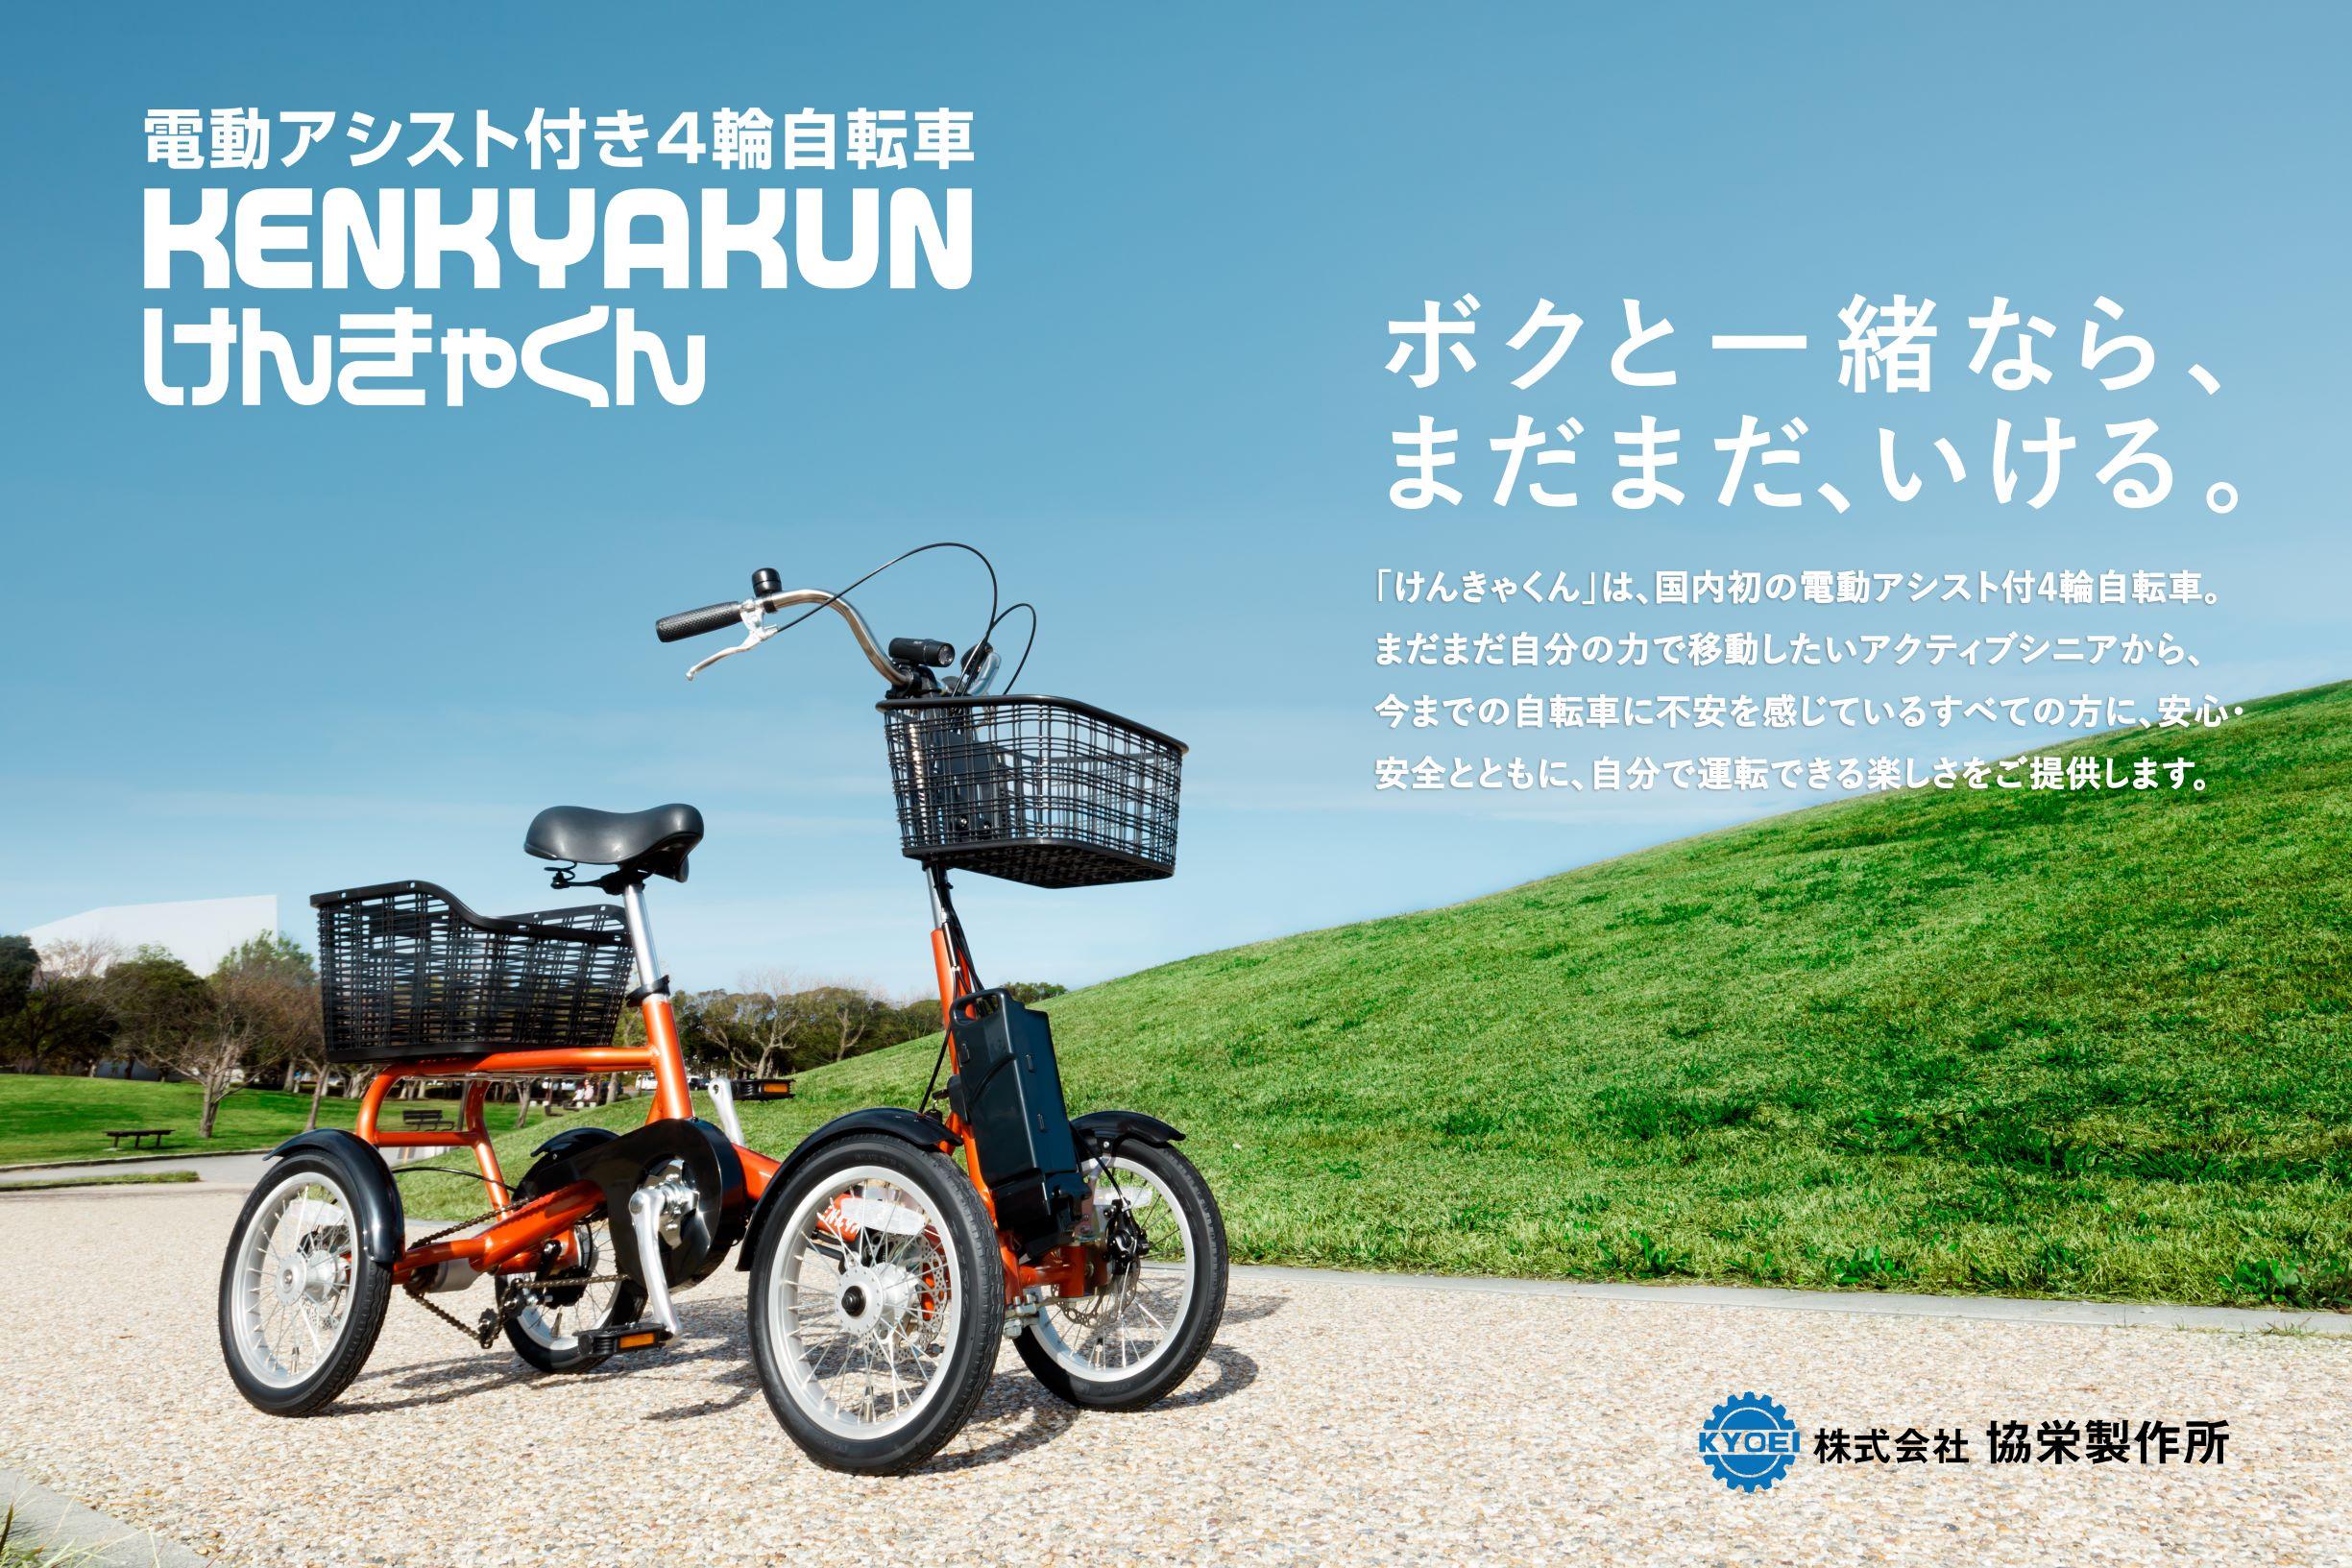 【4万回再生突破!】国内初の電動四輪自転車